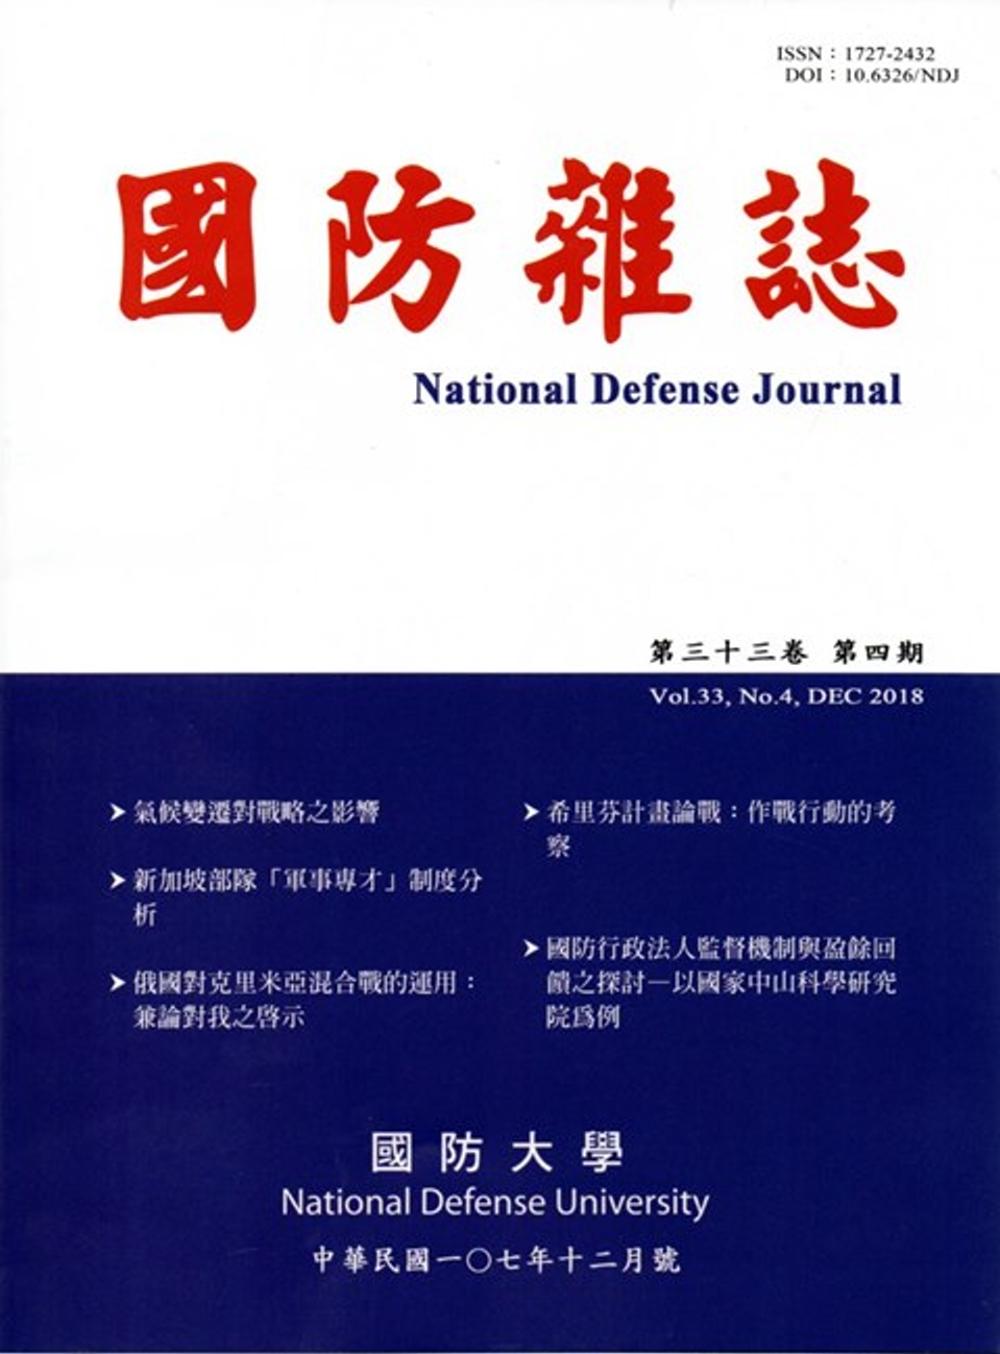 國防雜誌季刊第33卷第4期(2018.12)